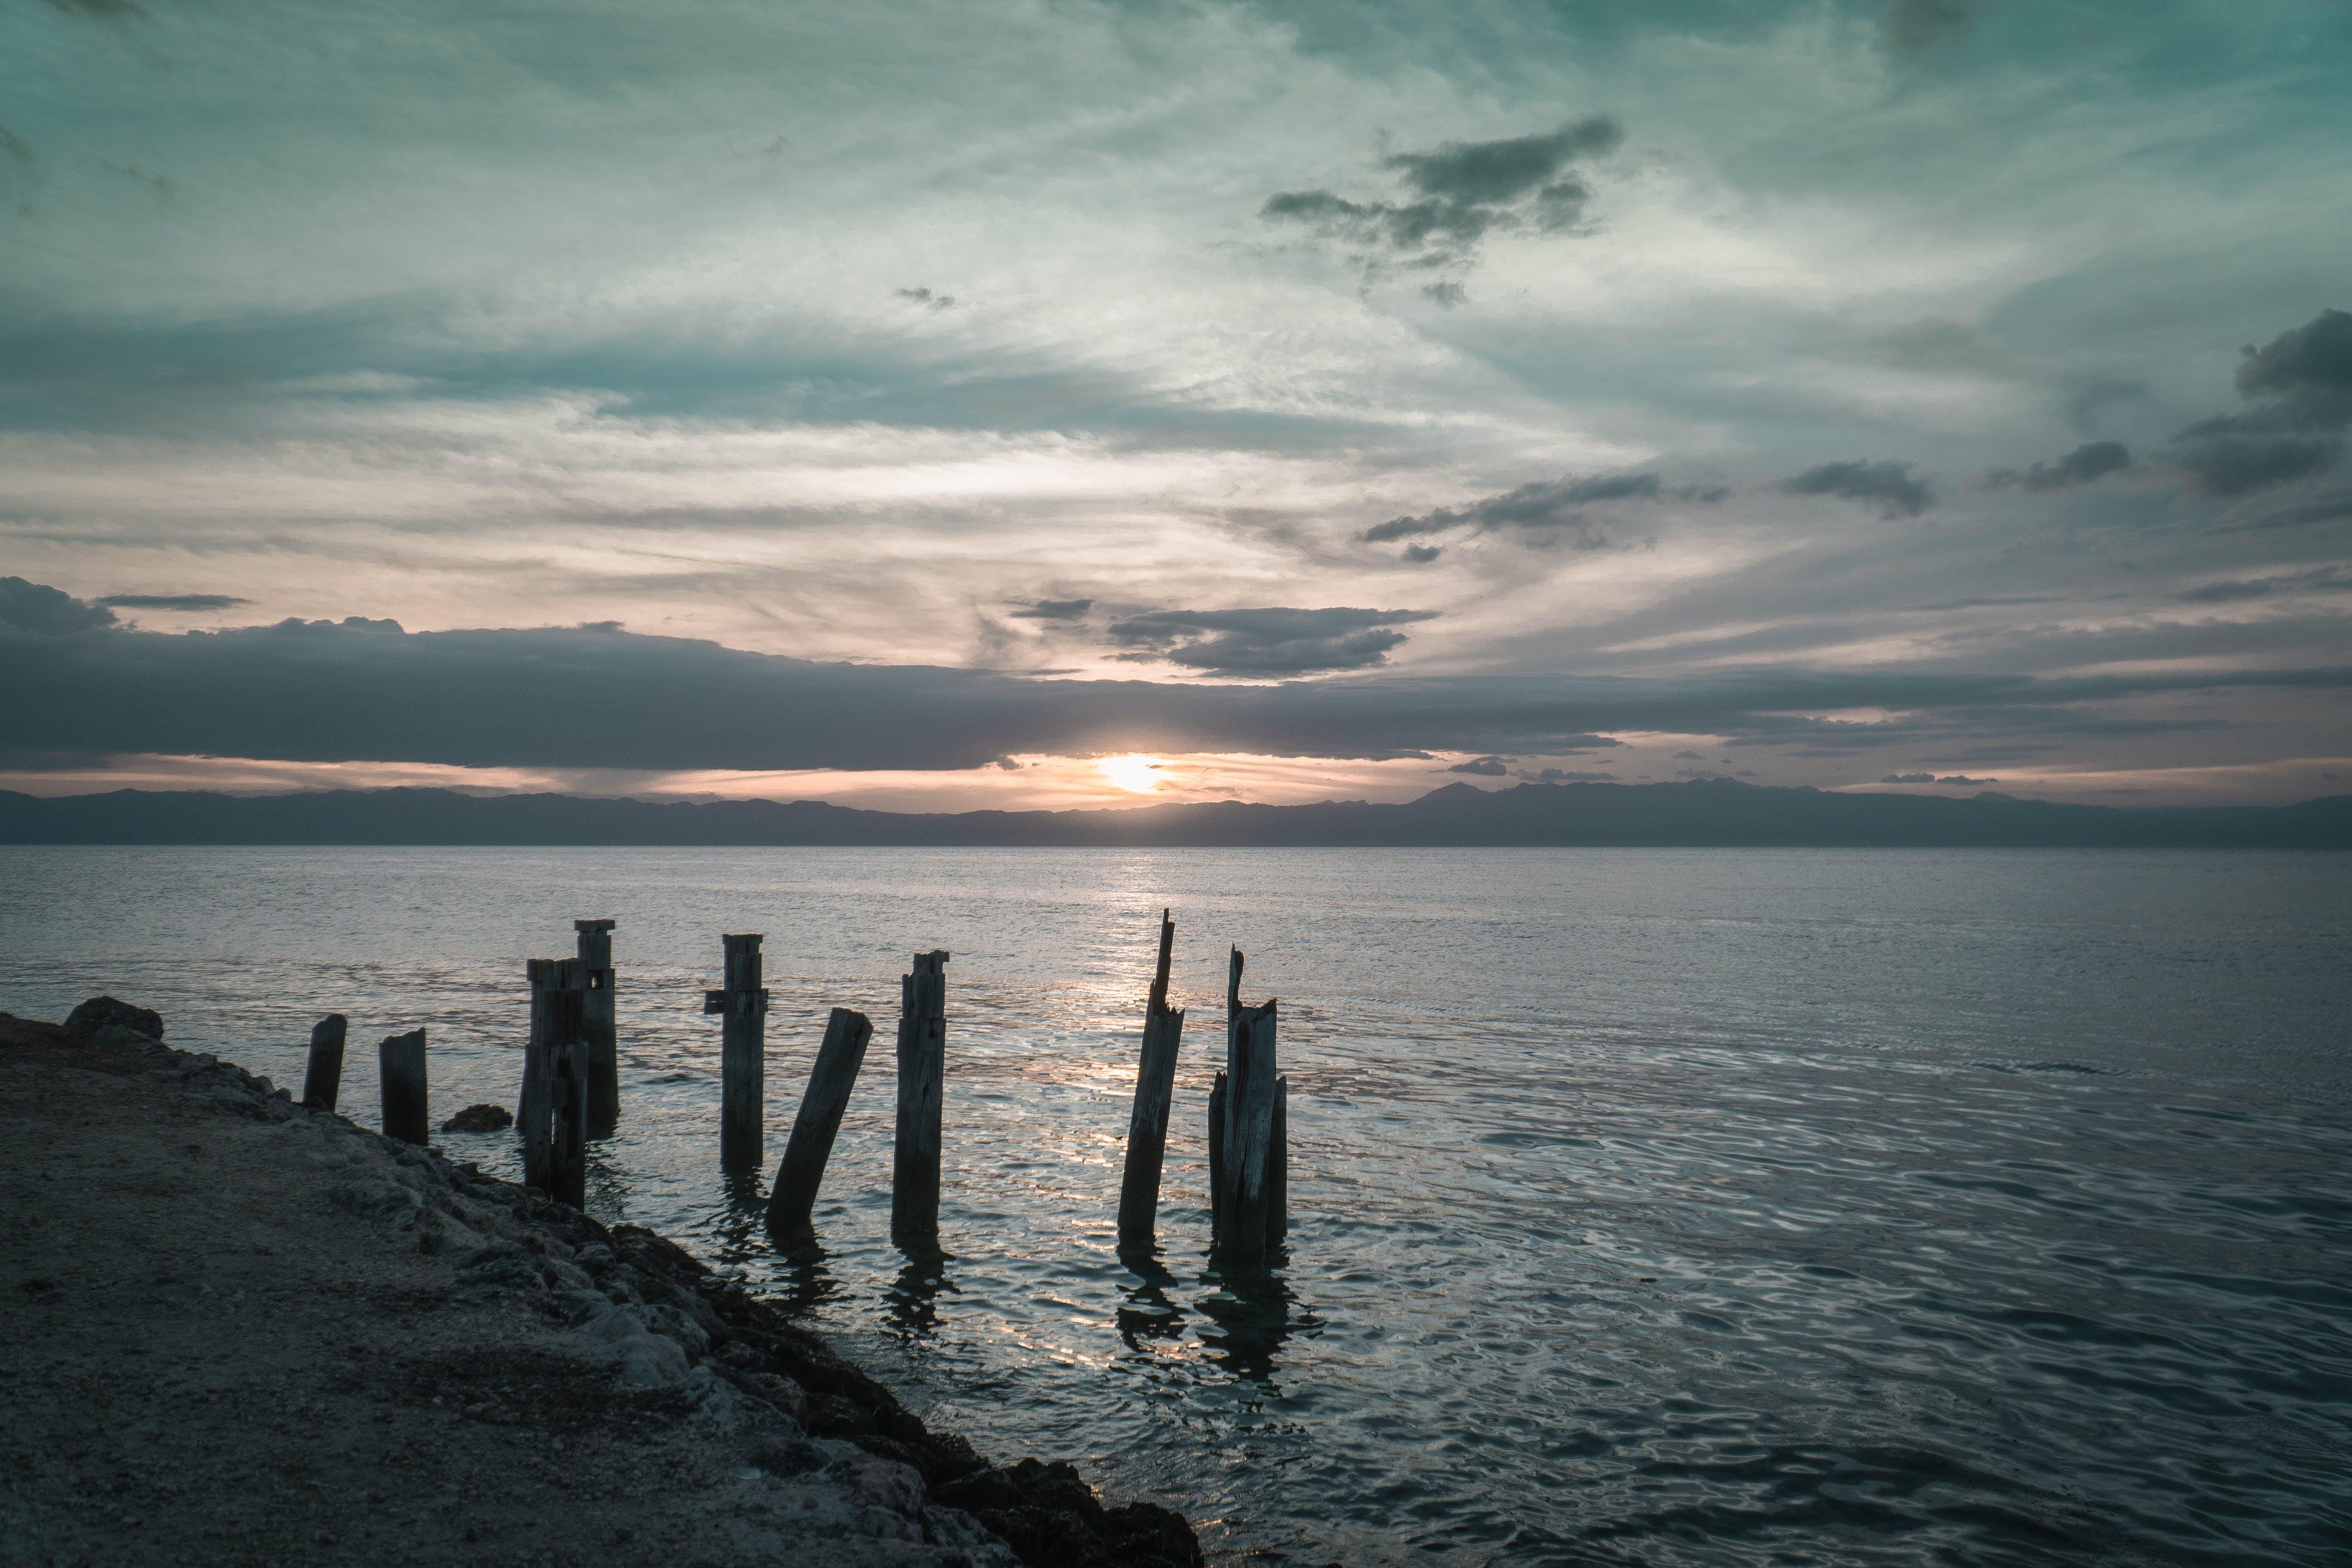 Kostenloses Stock Foto zu am meer, holzscheite, sand, sonnenuntergang strand